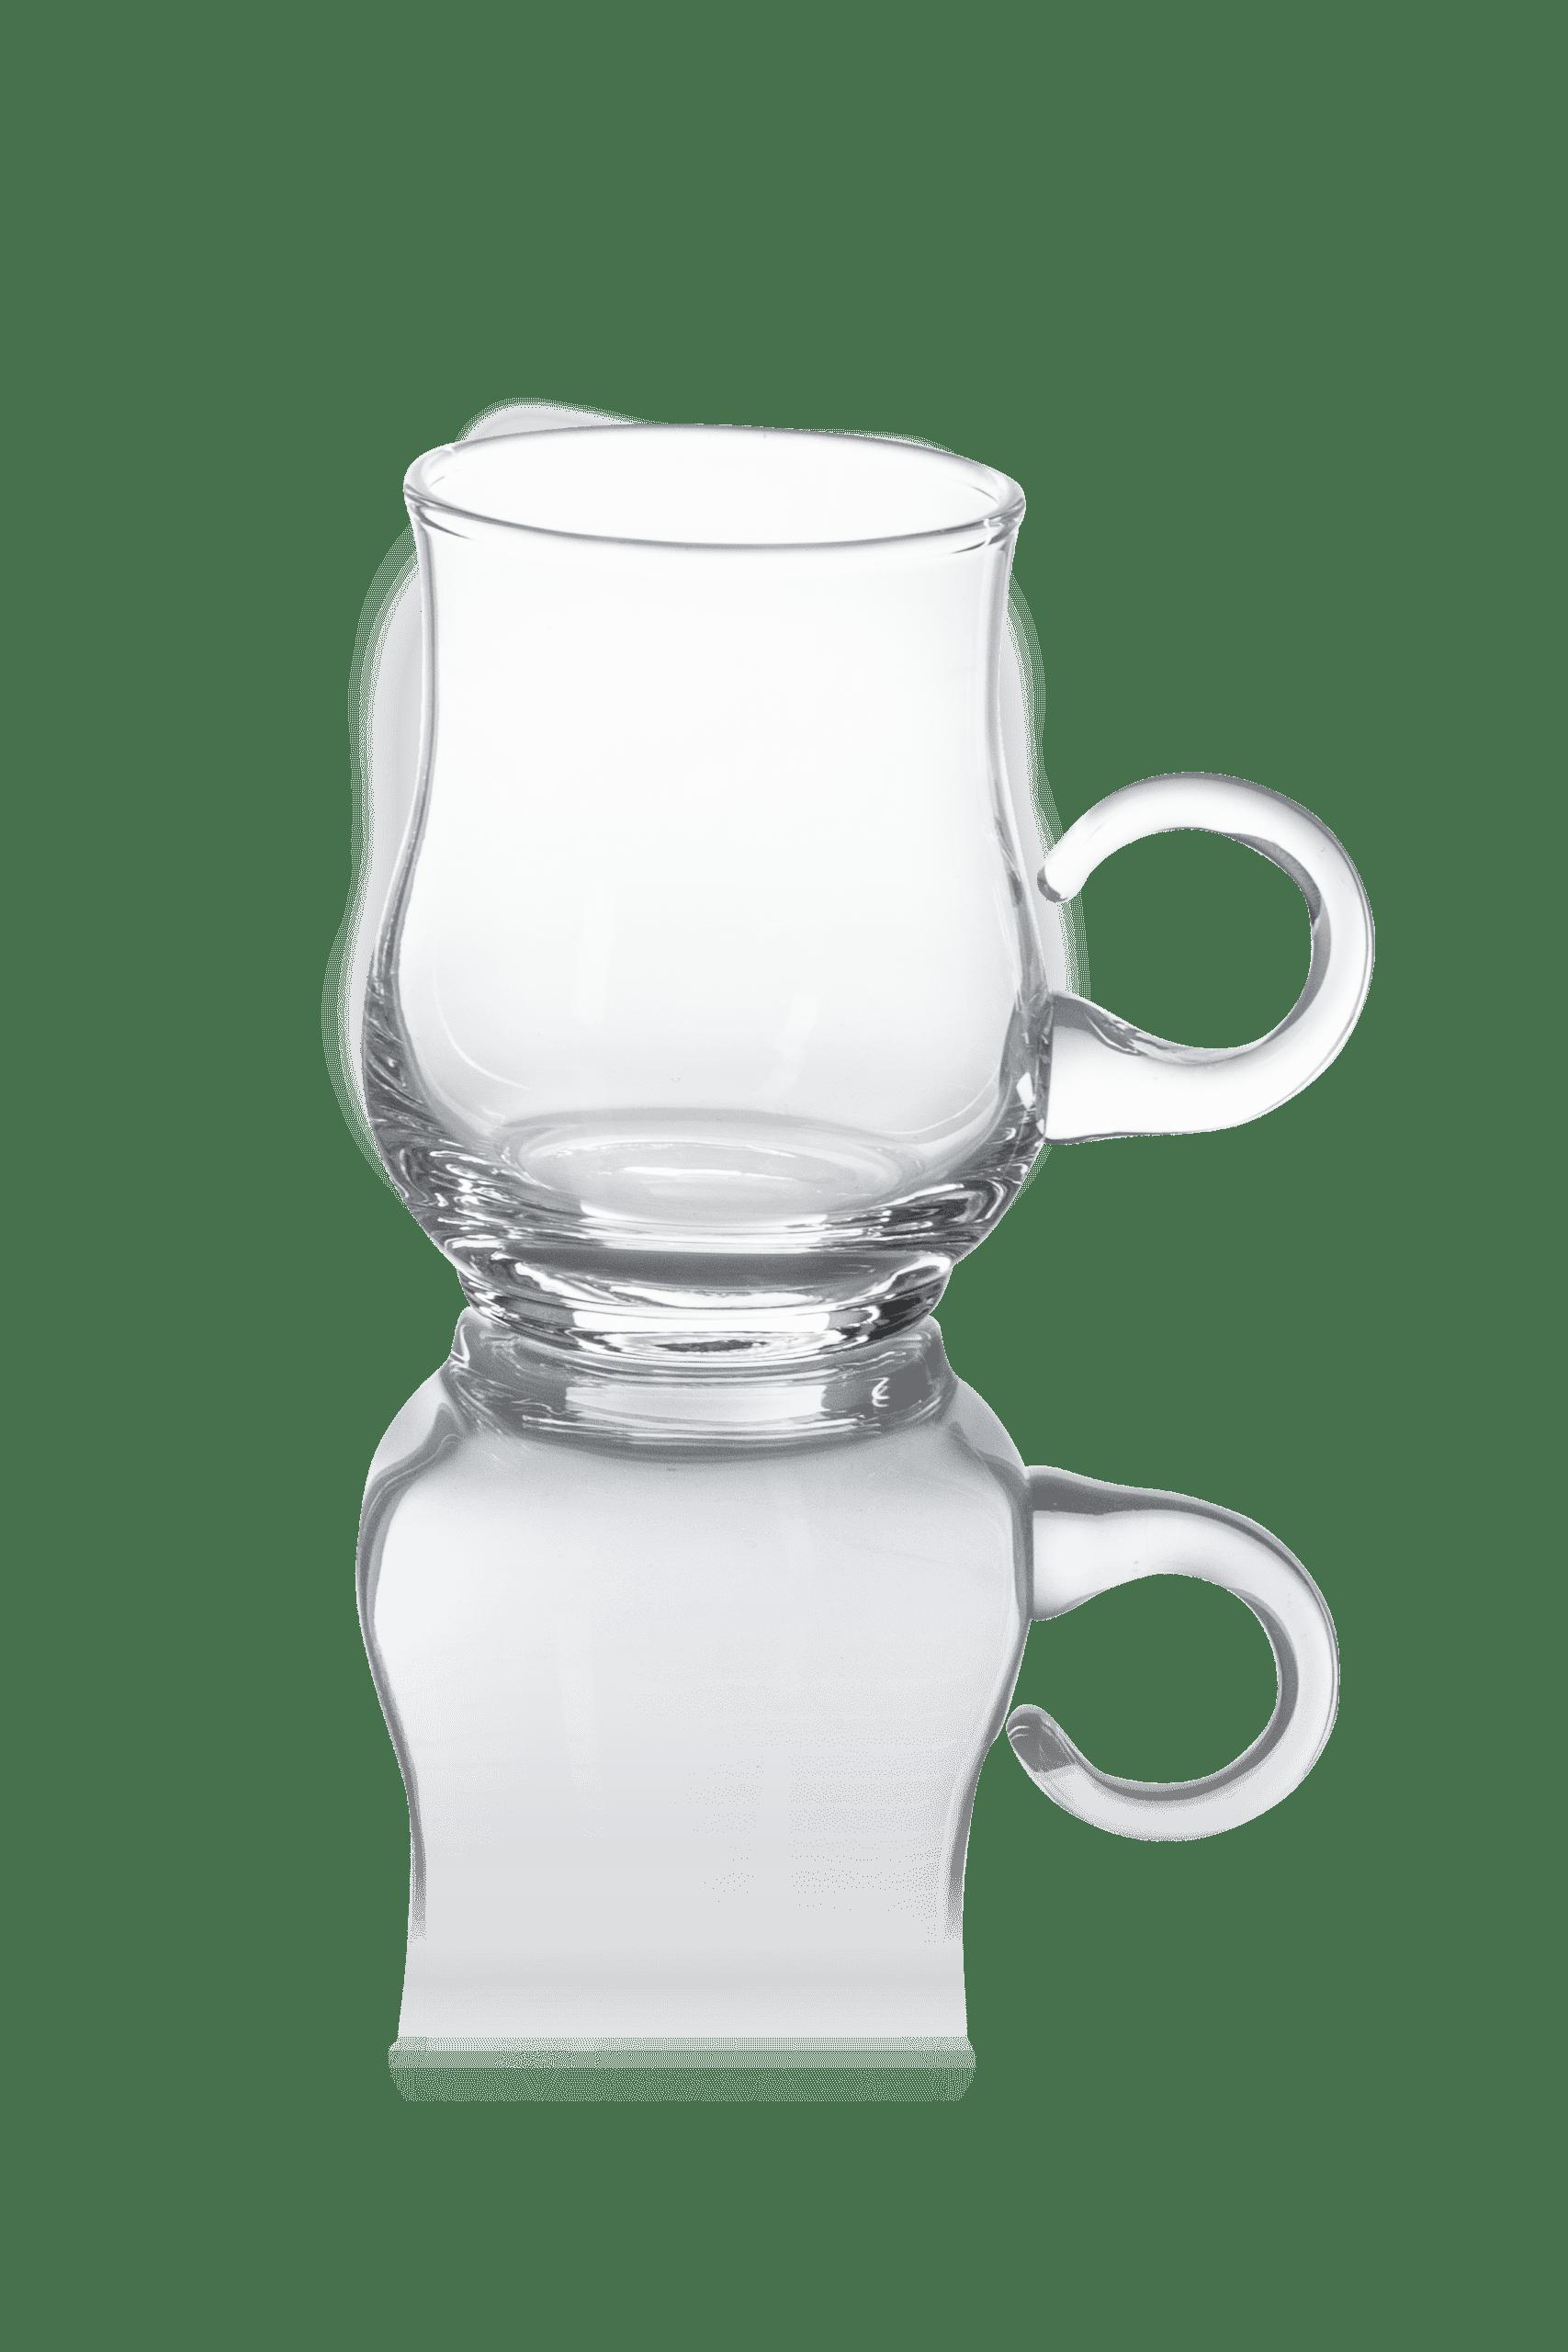 Szklanka przeźroczysta z uchem do Boli